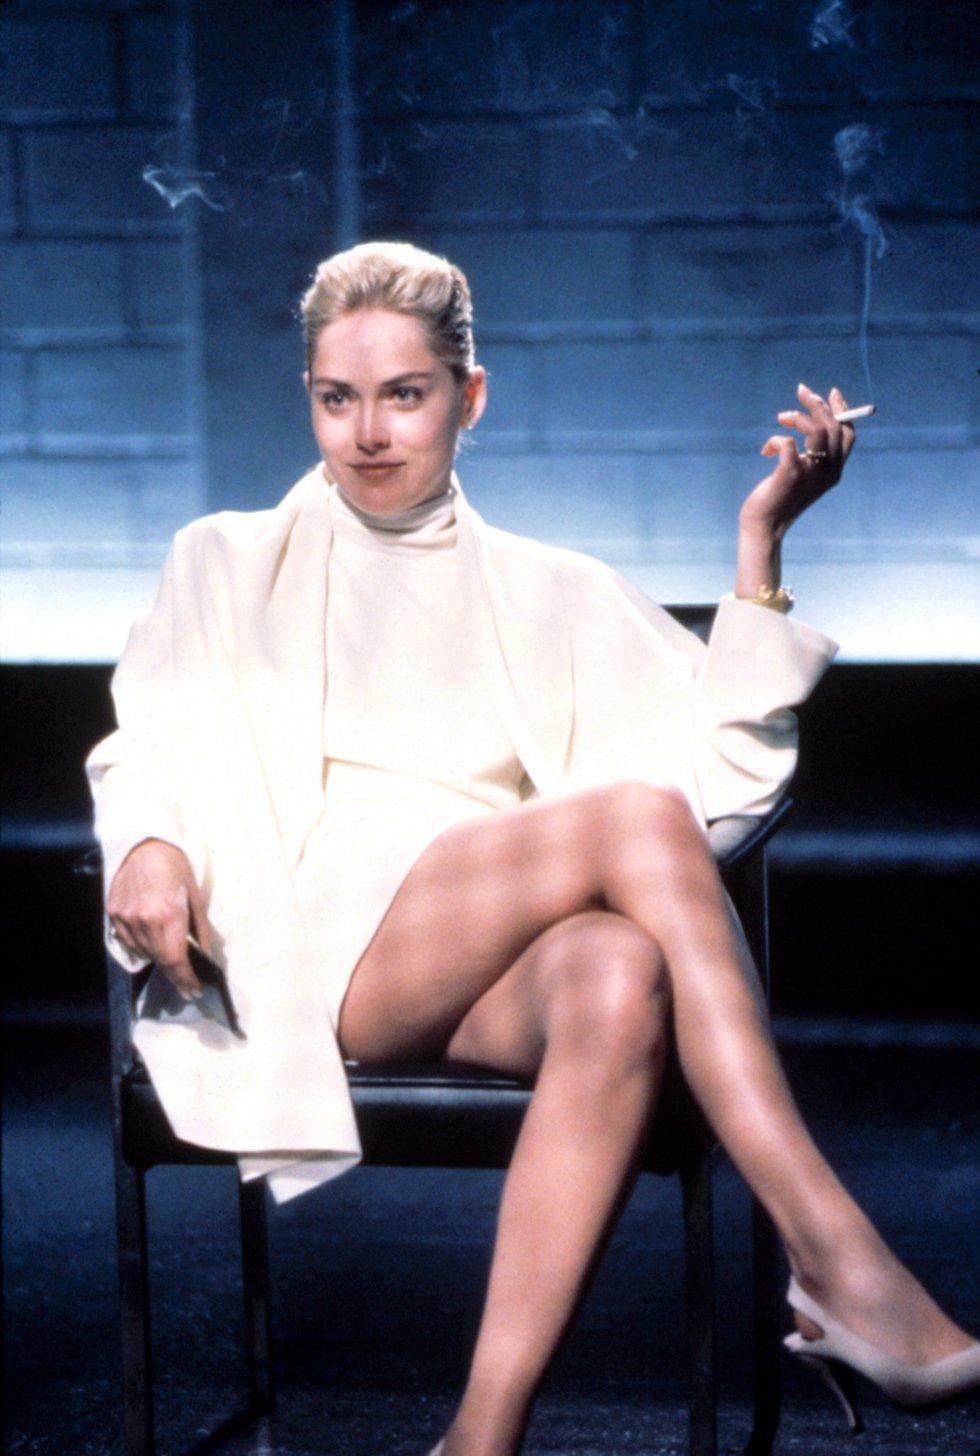 Su papel en 'Instinto básico' catapultó a Stone como una de las mejores actrices del Hollywood de los 90. La película, de 1992, que protagonizó junto a Michael Douglas, popularizó su mítico cruce de piernas. En ella, Stone interpretaba a Catherine Tramell, una mujer que consigue seducir a un policía (Douglas) que investiga un asesinato. Gracias a este papel Stone estuvo nominada como mejor actriz en los Globos de Oro.